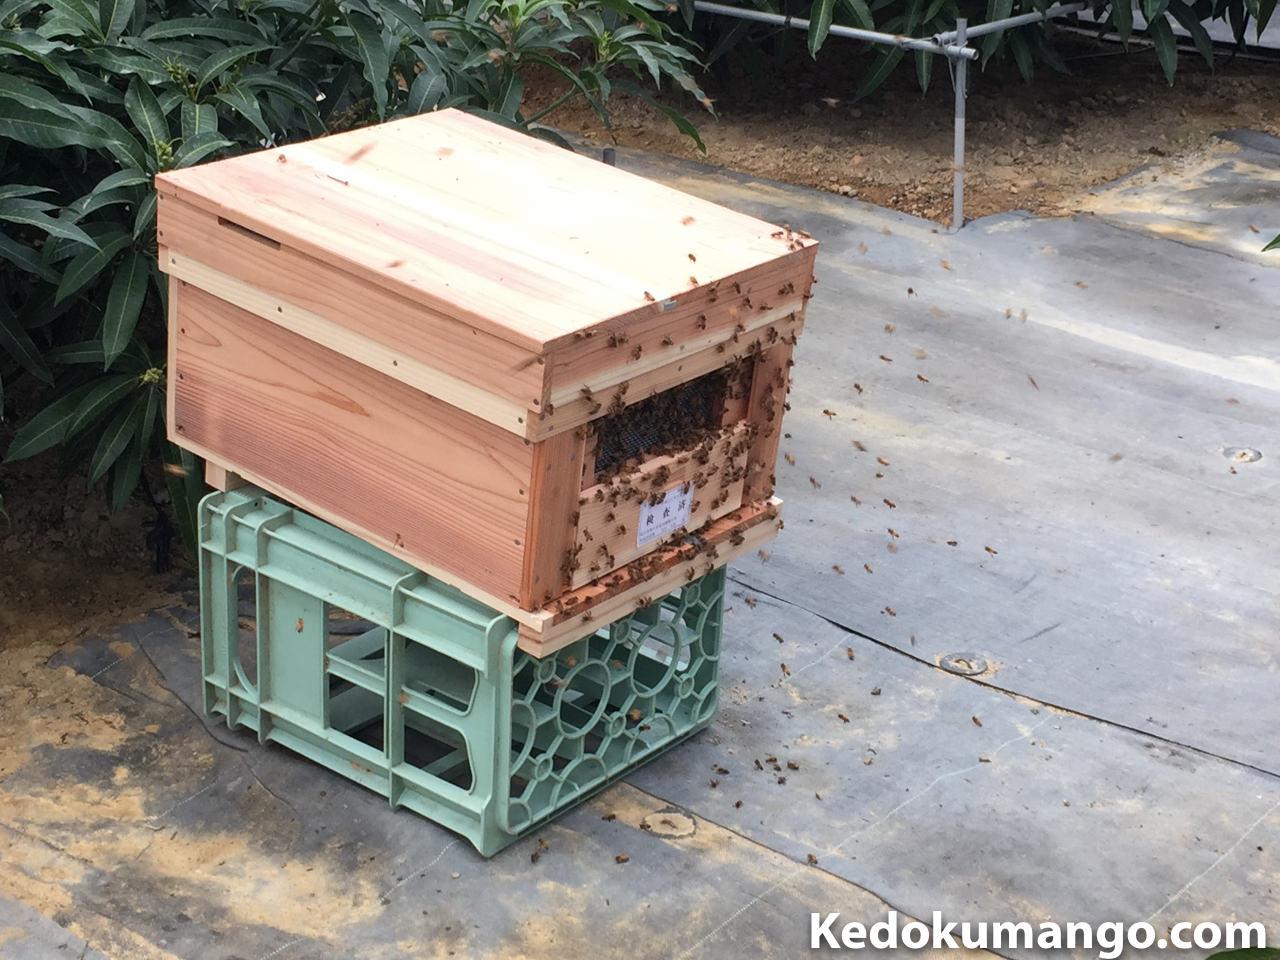 マンゴー栽培のビニールハウスへ第2陣の蜜蜂(みつばち)がやってきた! | 花徳マンゴー